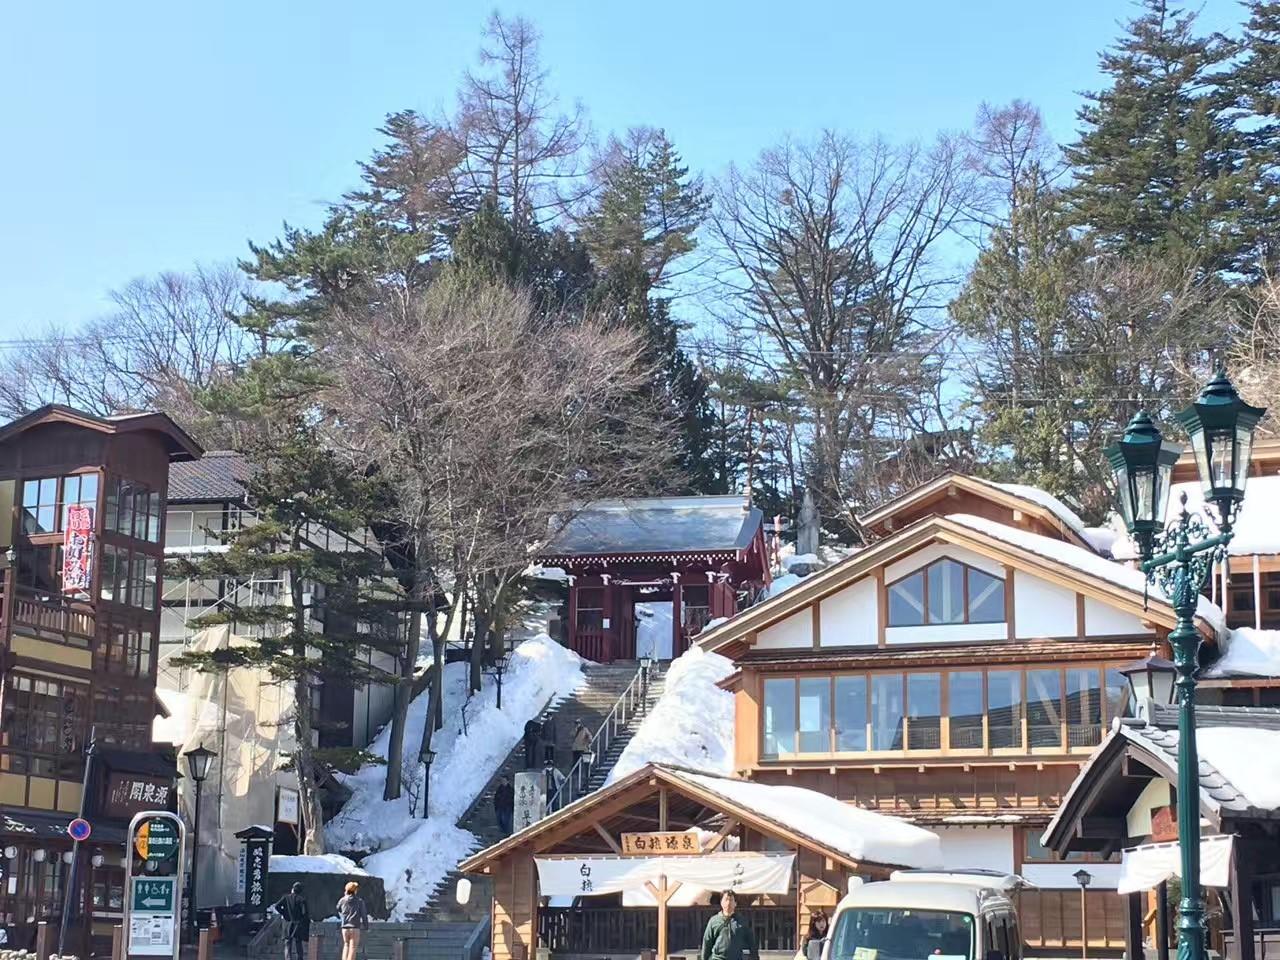 温泉の煙と青い空と白い雪のコントラスト